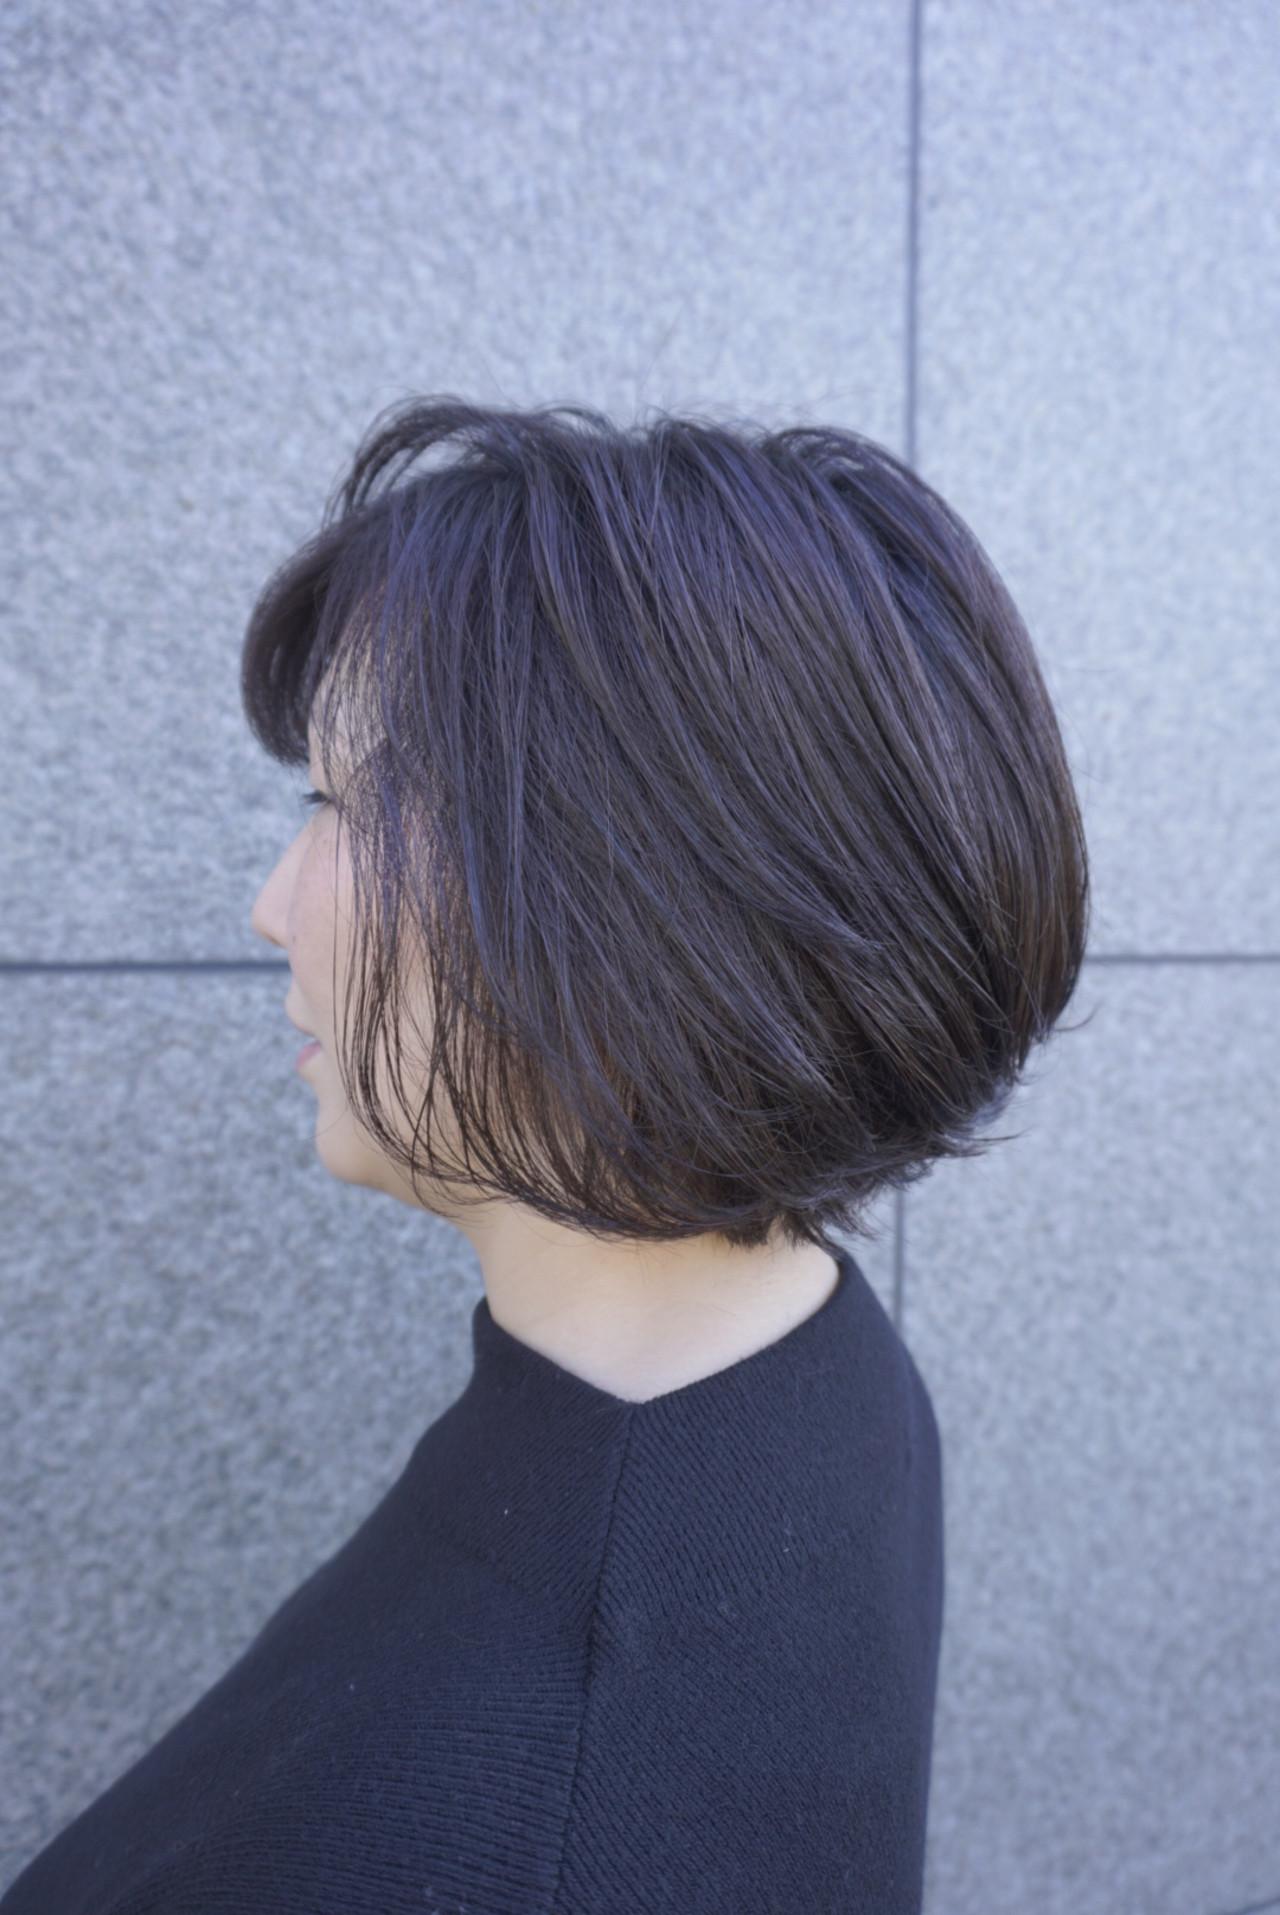 ミニボブ ハンサムショート ショート ショートヘア ヘアスタイルや髪型の写真・画像